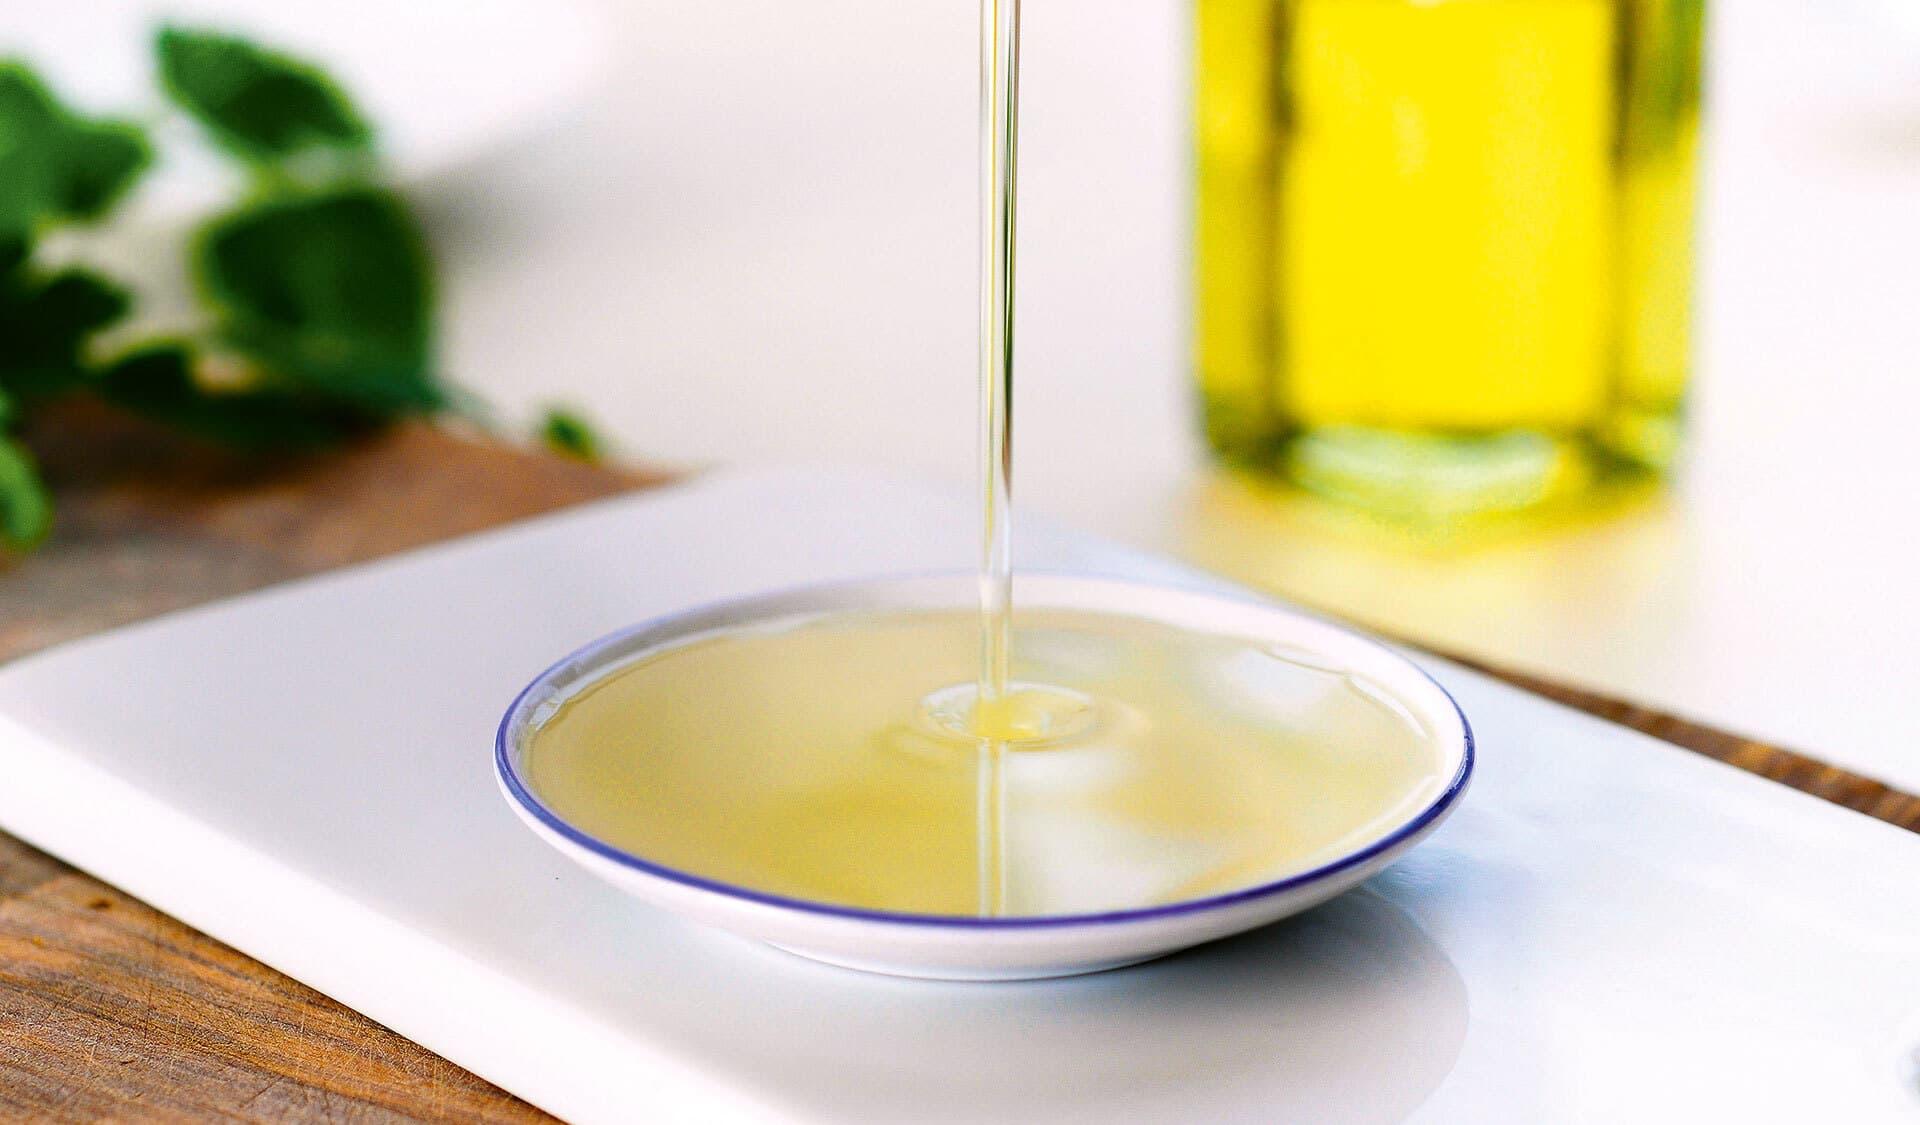 Speiseöl wird in eine Schale gegossen